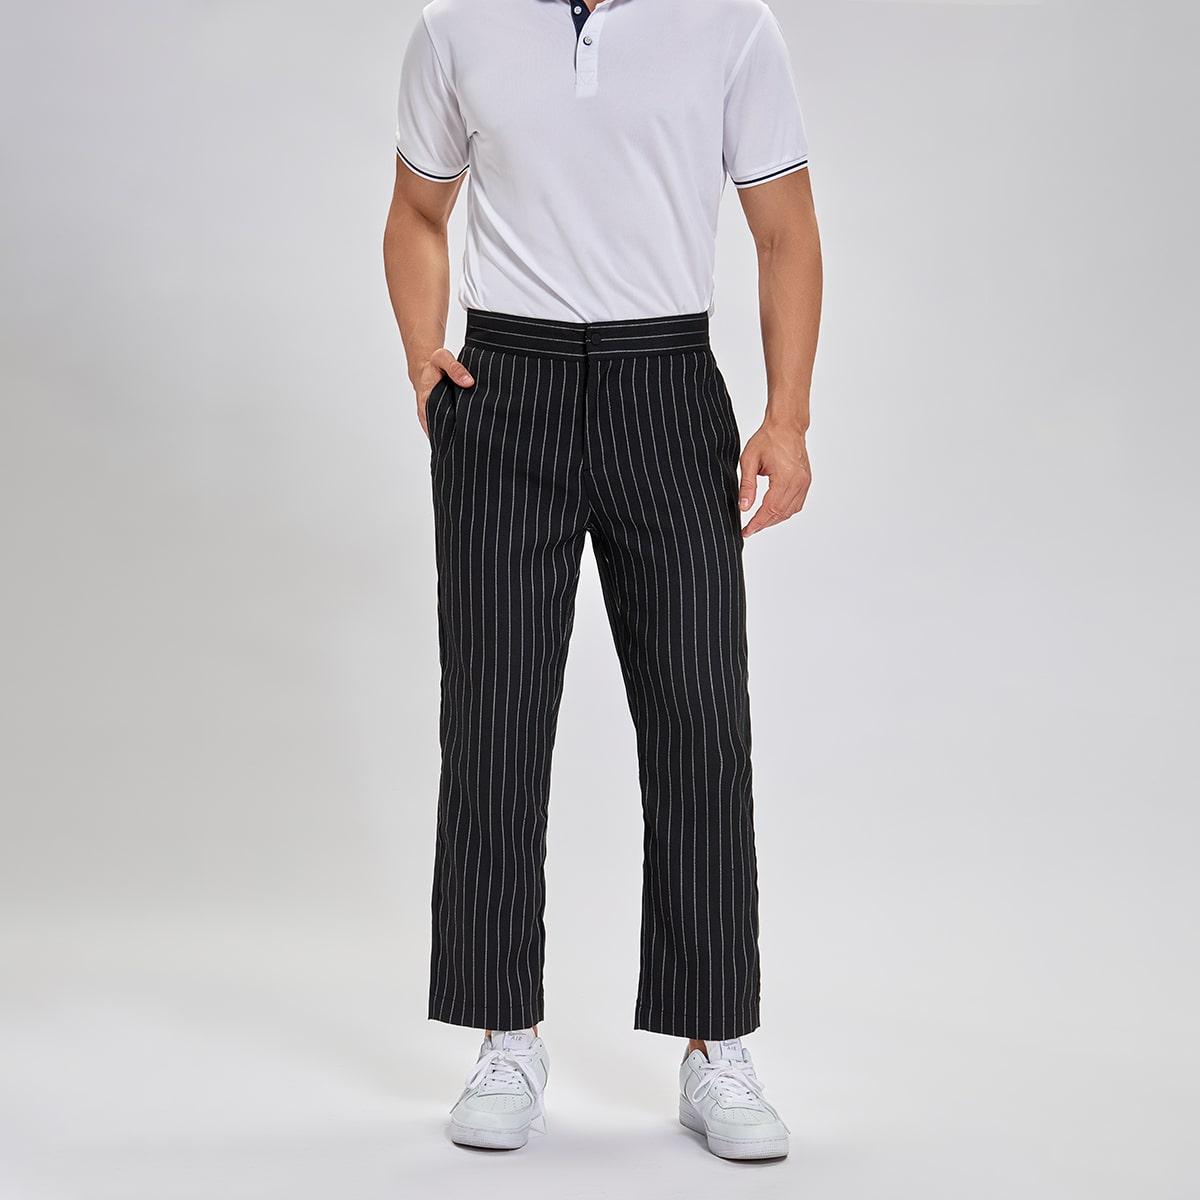 Карман Полосатый Работа Мужские брюки